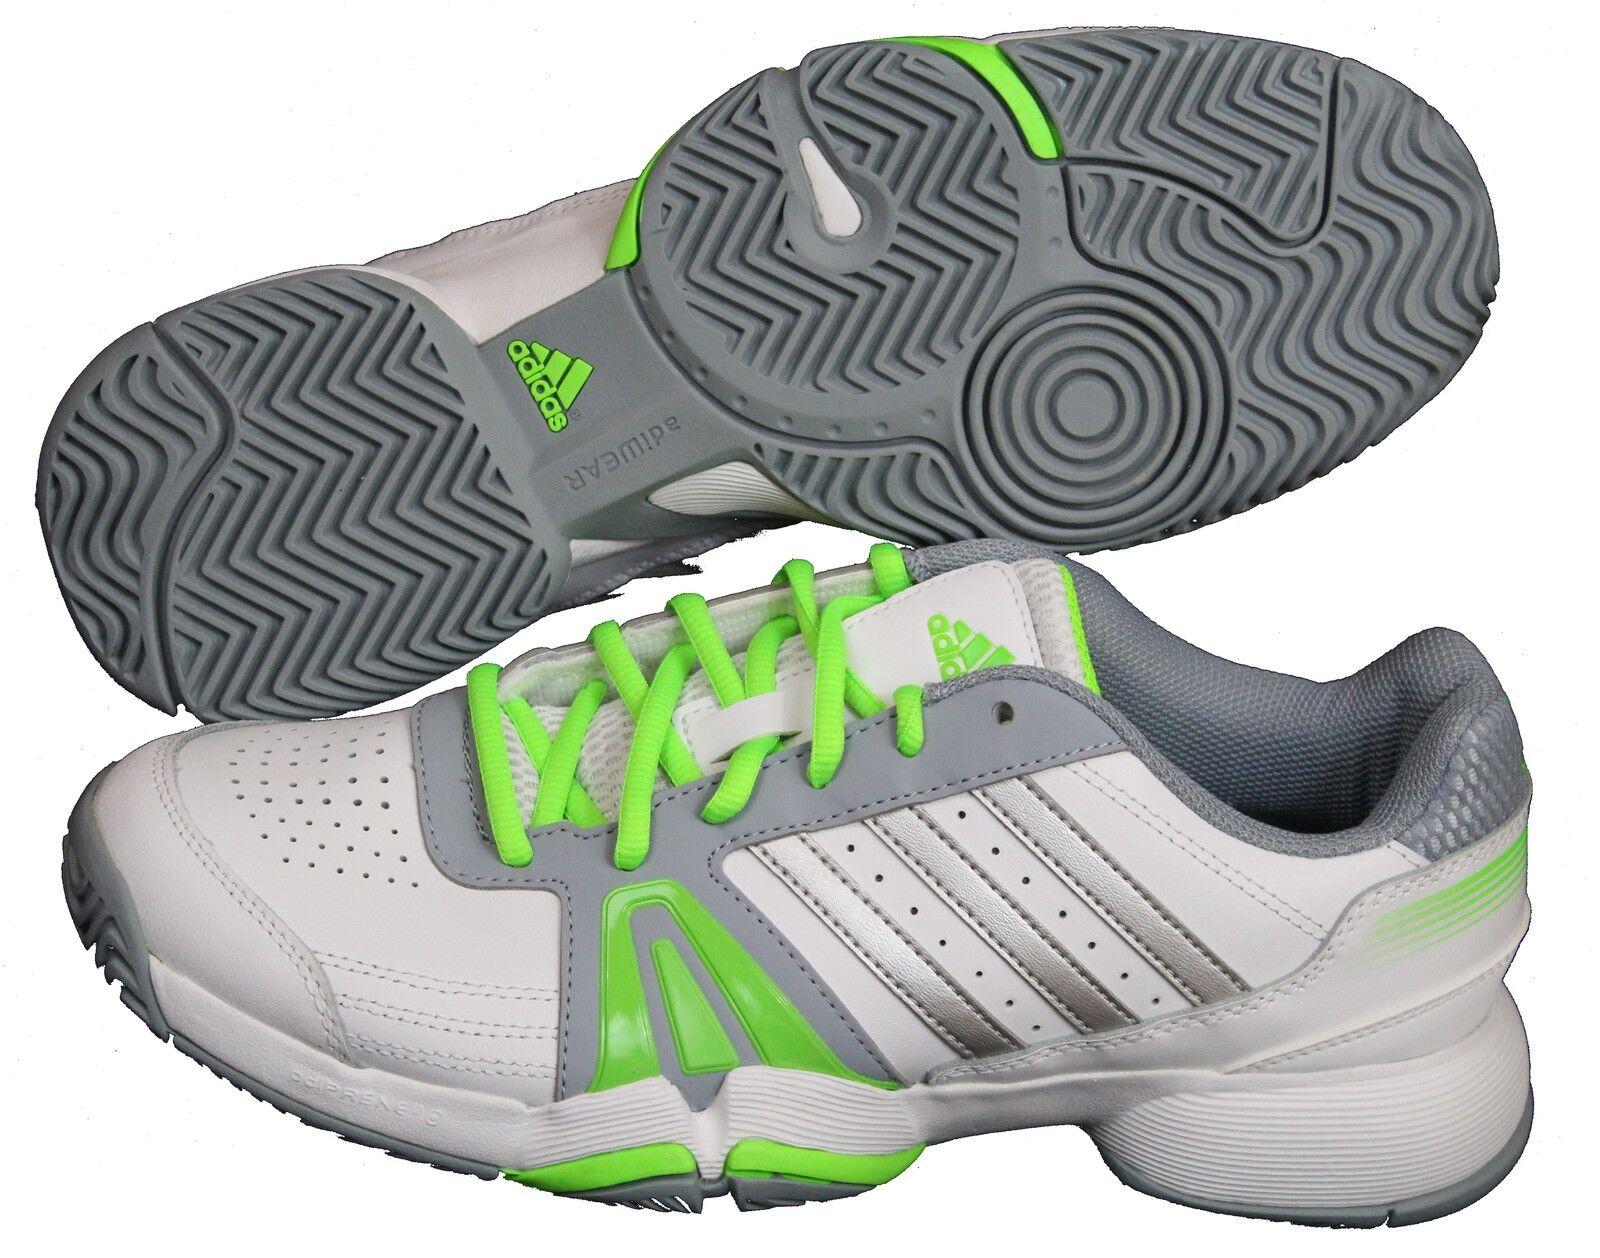 Adidas Bercuda 3 Herren Tennisschuhe weiß-grün Sportschuhe Sportschuhe Sportschuhe Turnschuhe 368dc9